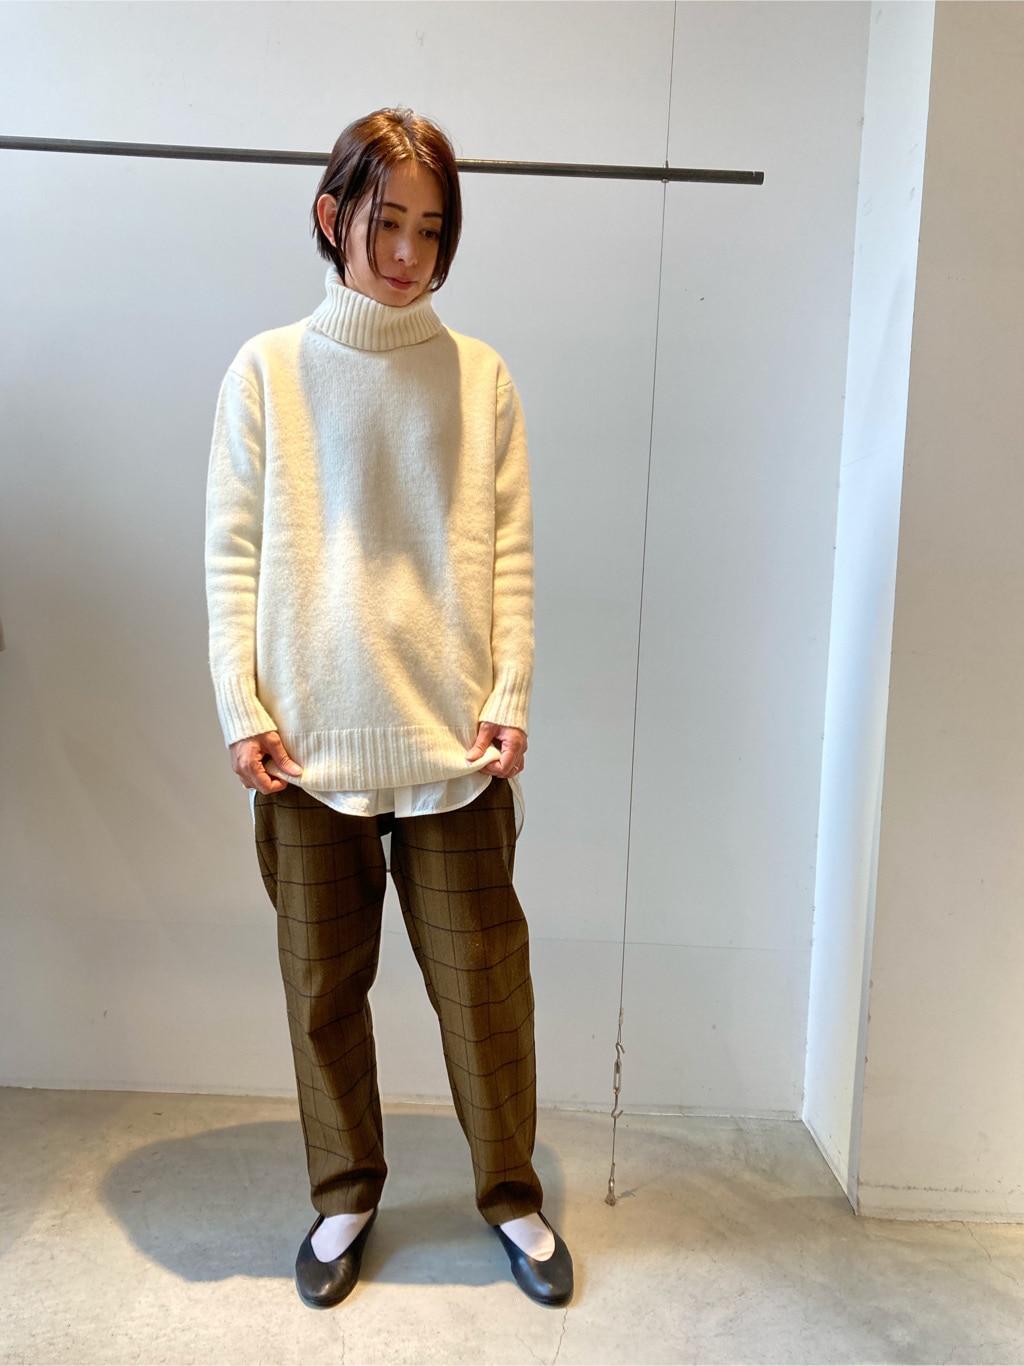 京都路面 2020.11.18